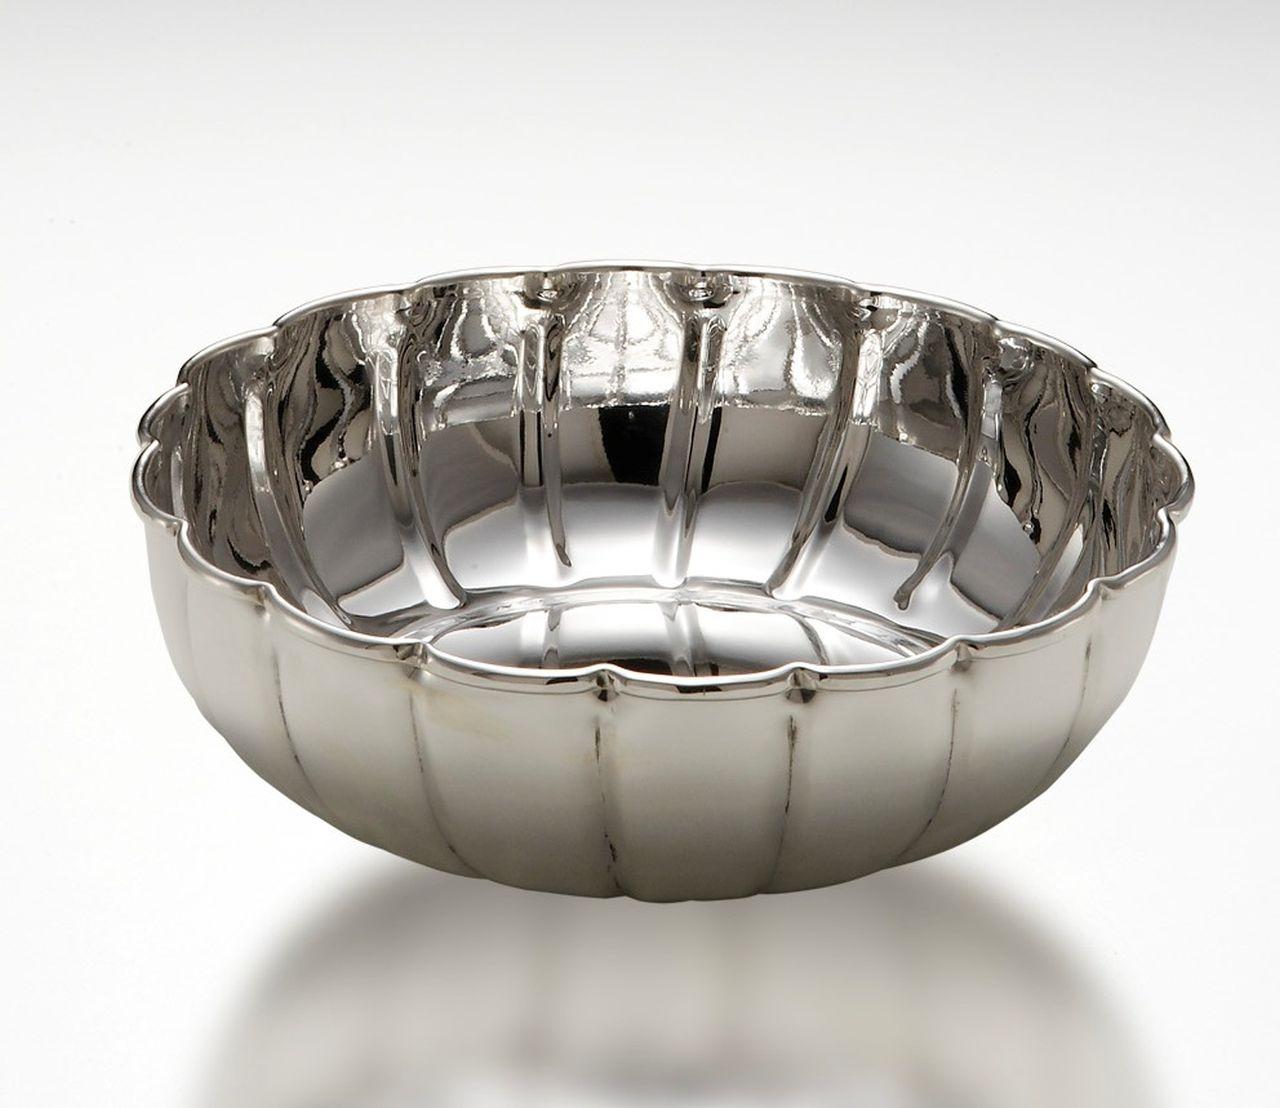 Ciotola tonda modello Benedetta in metallo placcato argento cm.4,5h diam.14